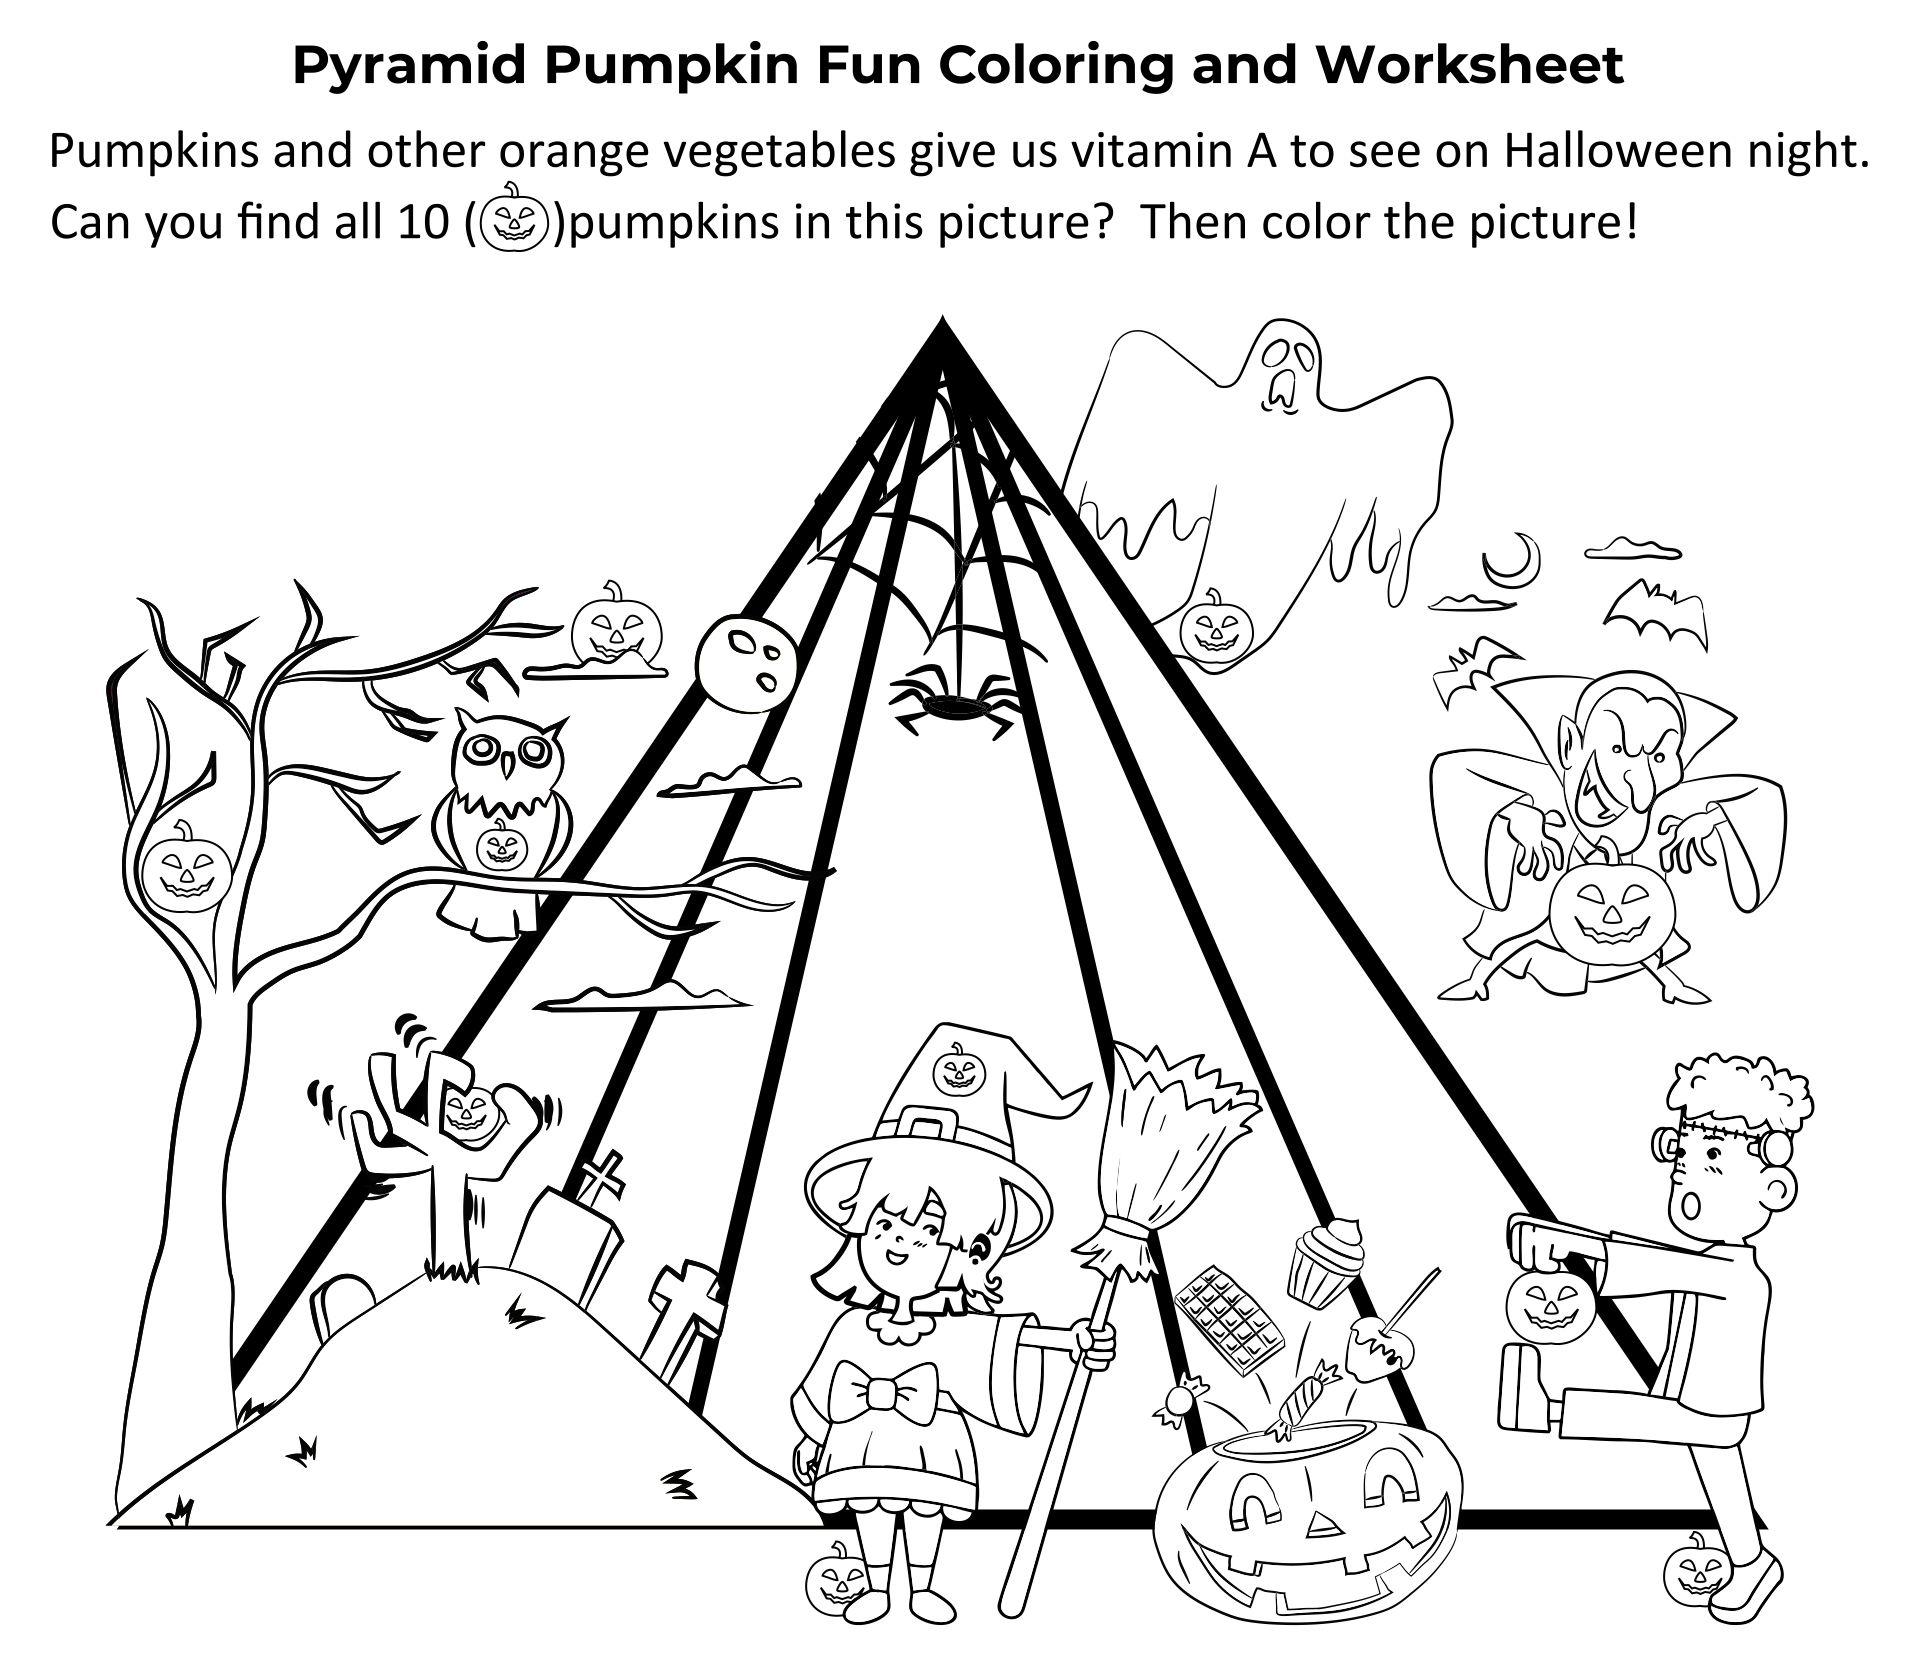 Find The Hidden Pumpkin Food Pyramid Activity Sheet